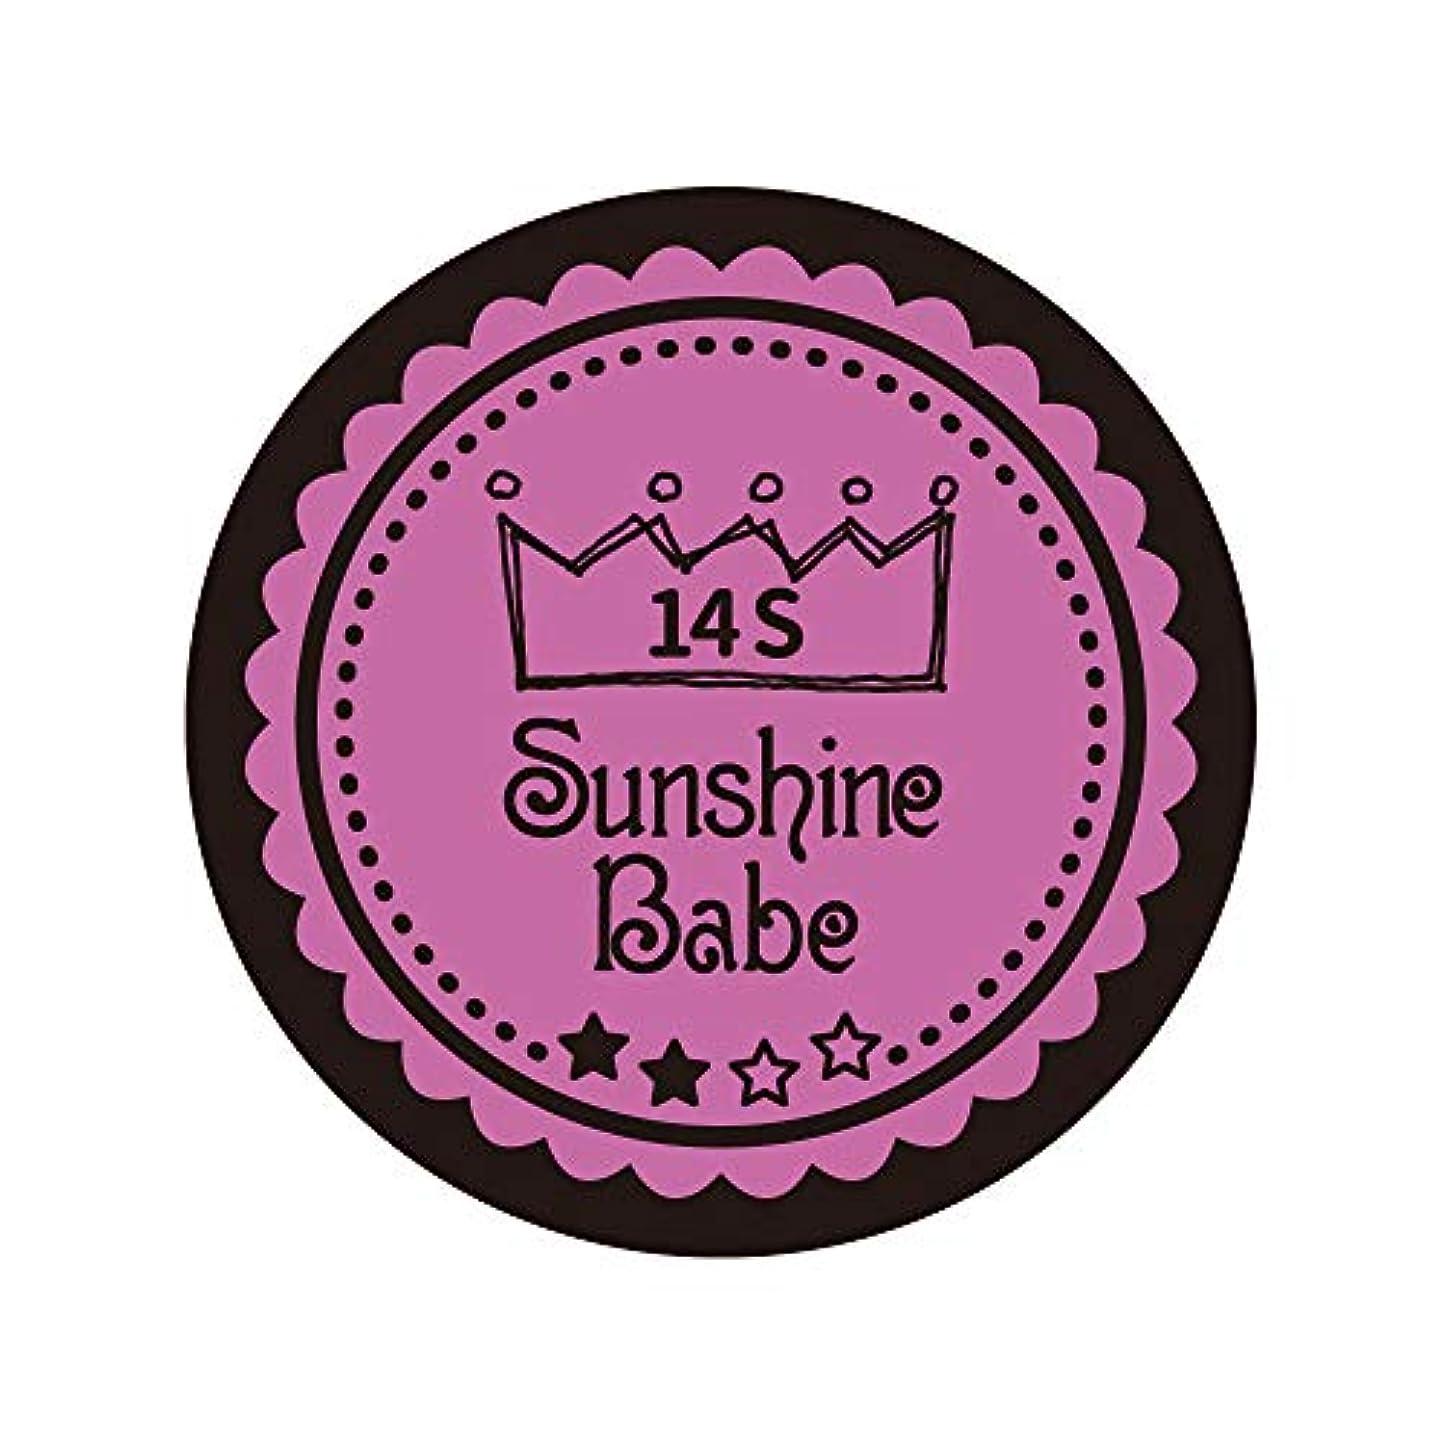 できた識別のぞき穴Sunshine Babe カラージェル 14S スプリングクロッカス 2.7g UV/LED対応